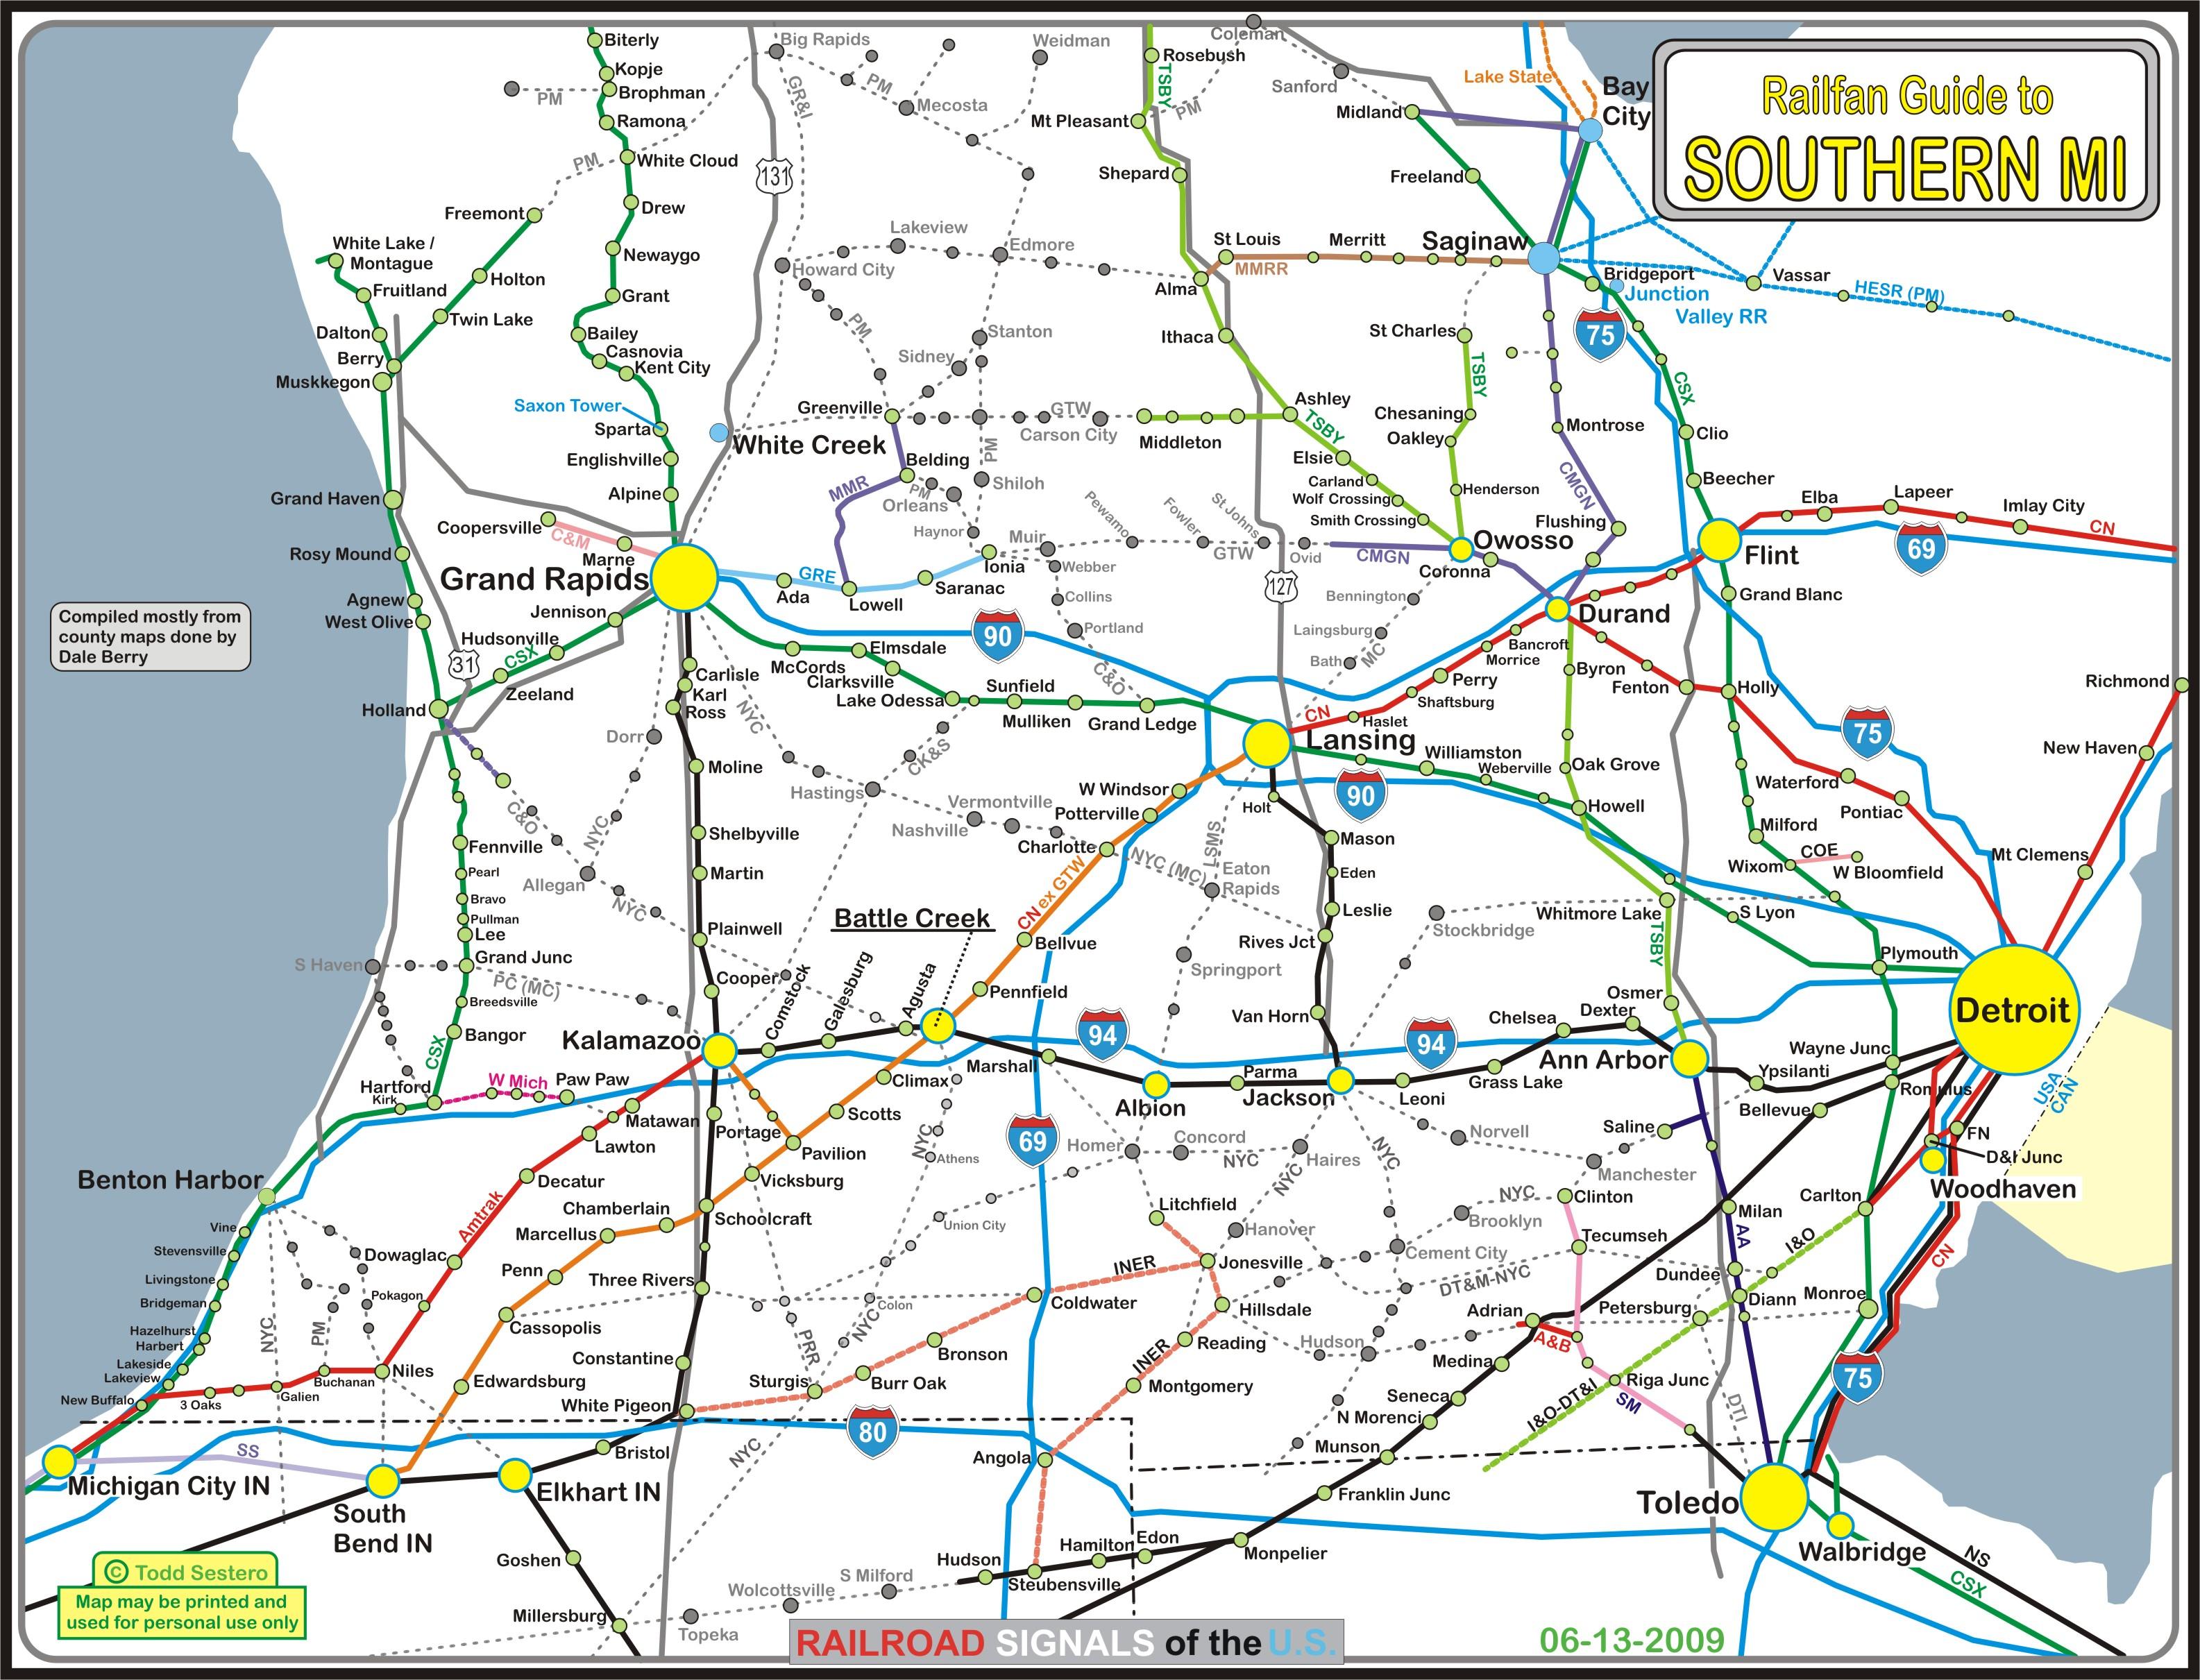 Map Of Southern Michigan Southern Michigan Railfan Guide Map Of Southern Michigan